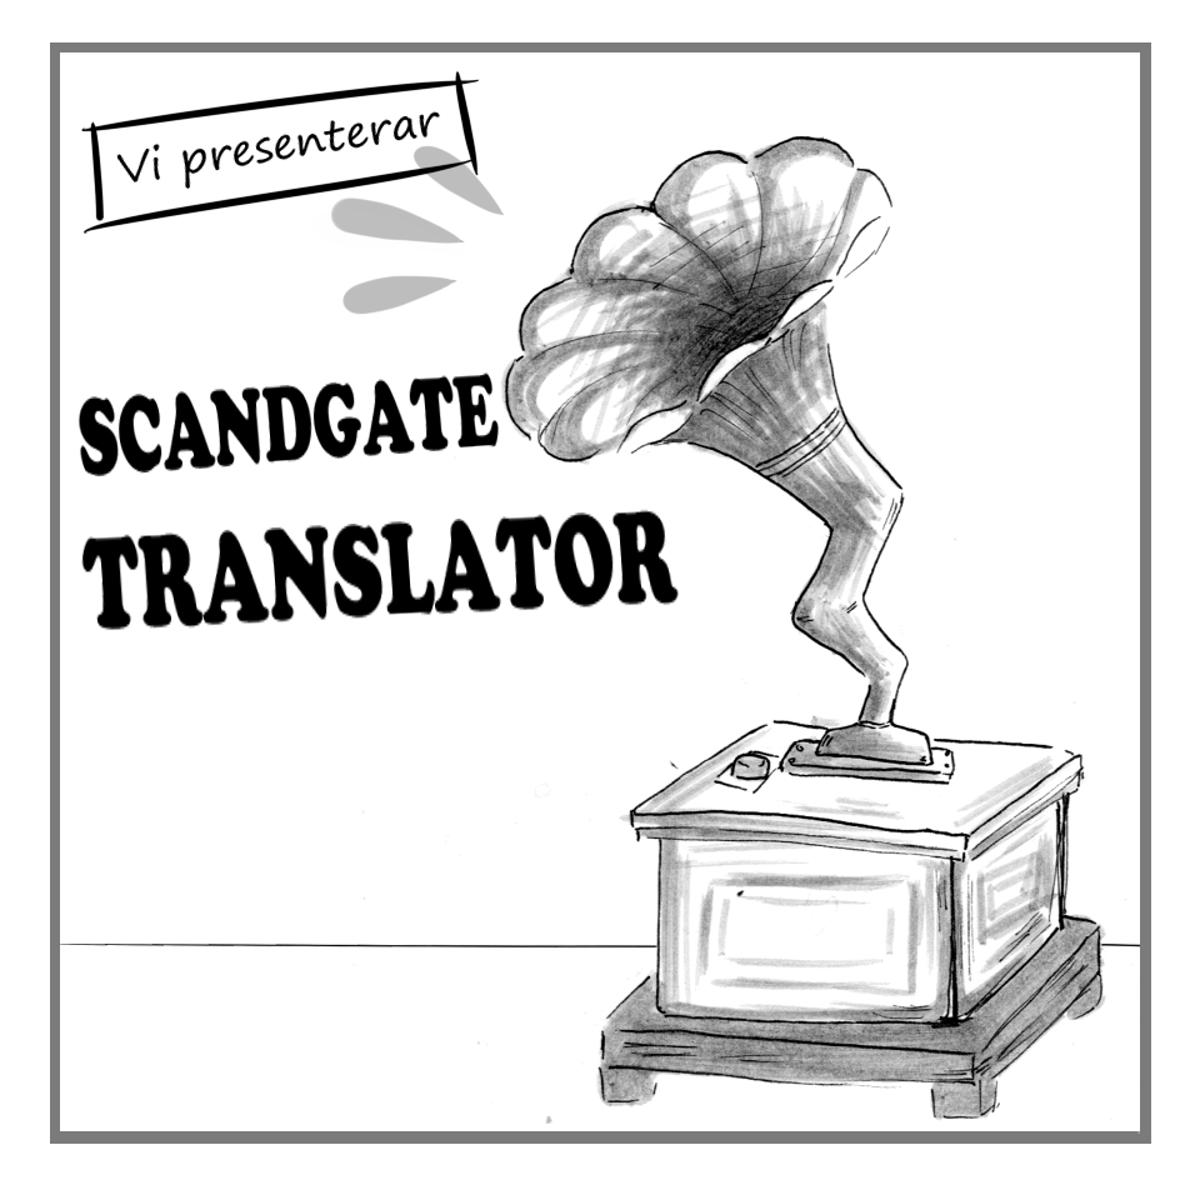 translatorn